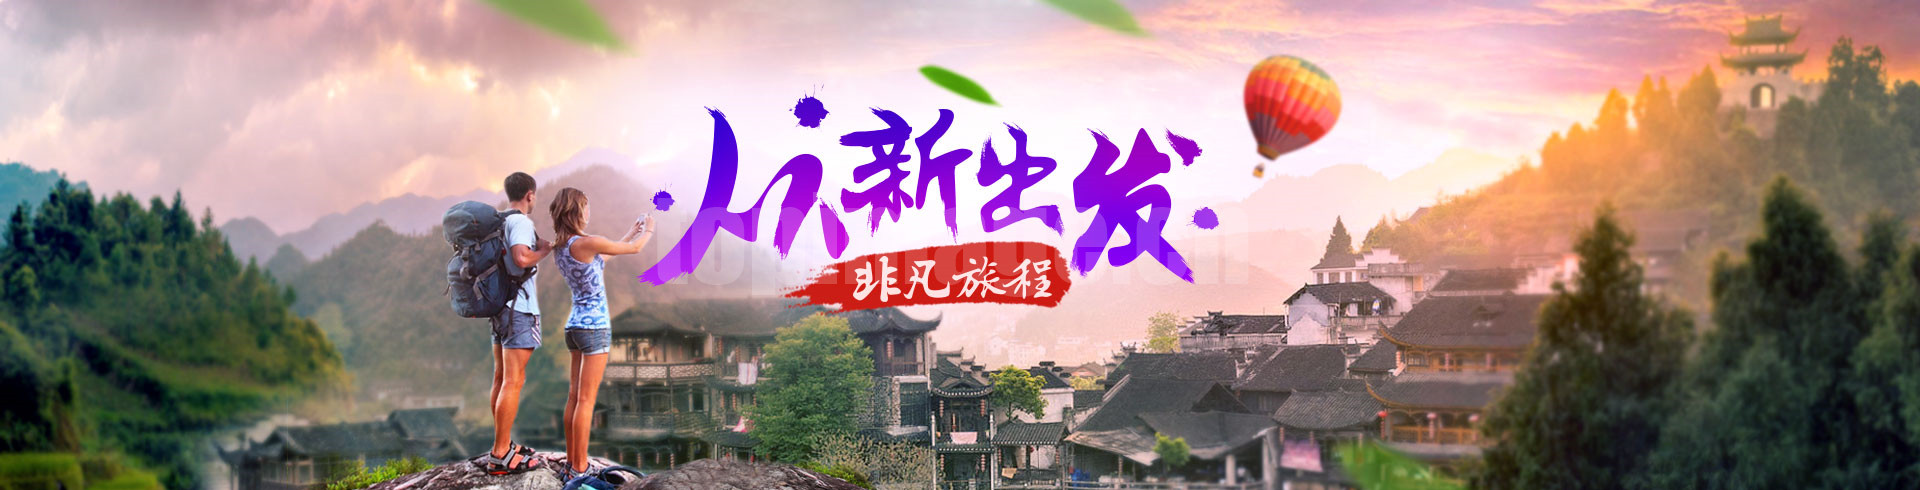 旅游出行海报书法毛笔字动感合成banner